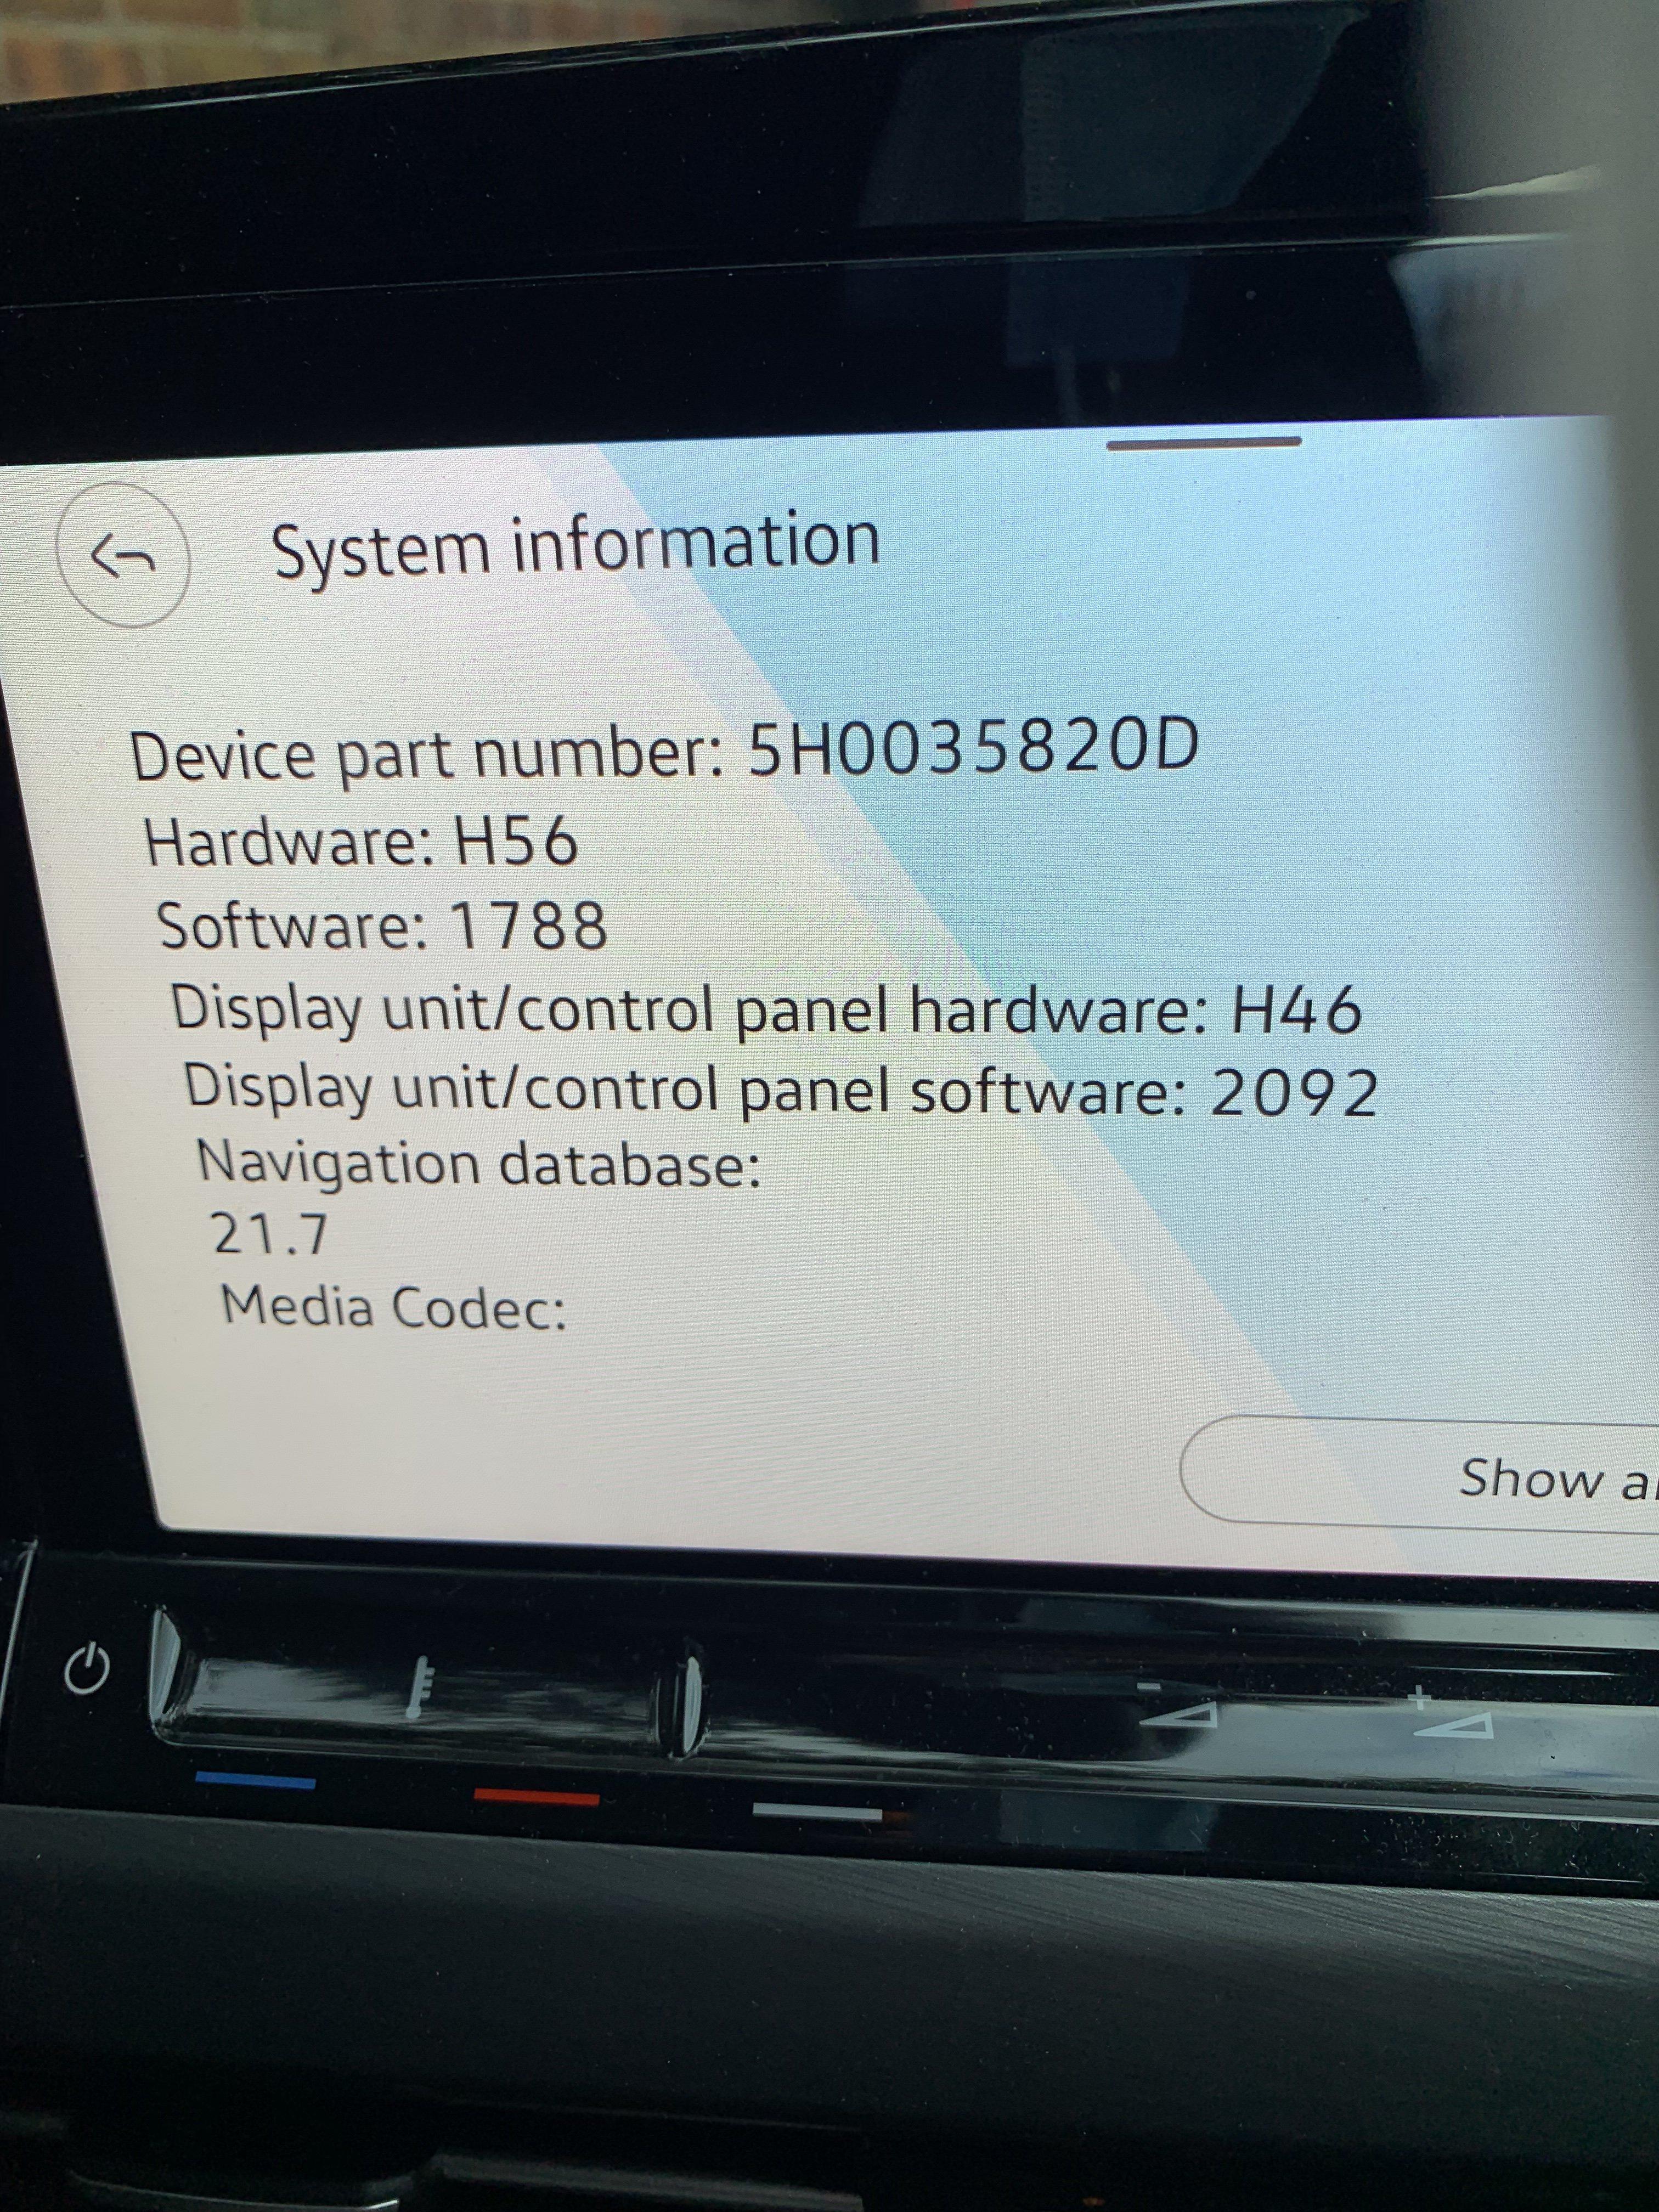 D280E555-1F5D-4B08-83FF-EA75B6B44099.jpeg